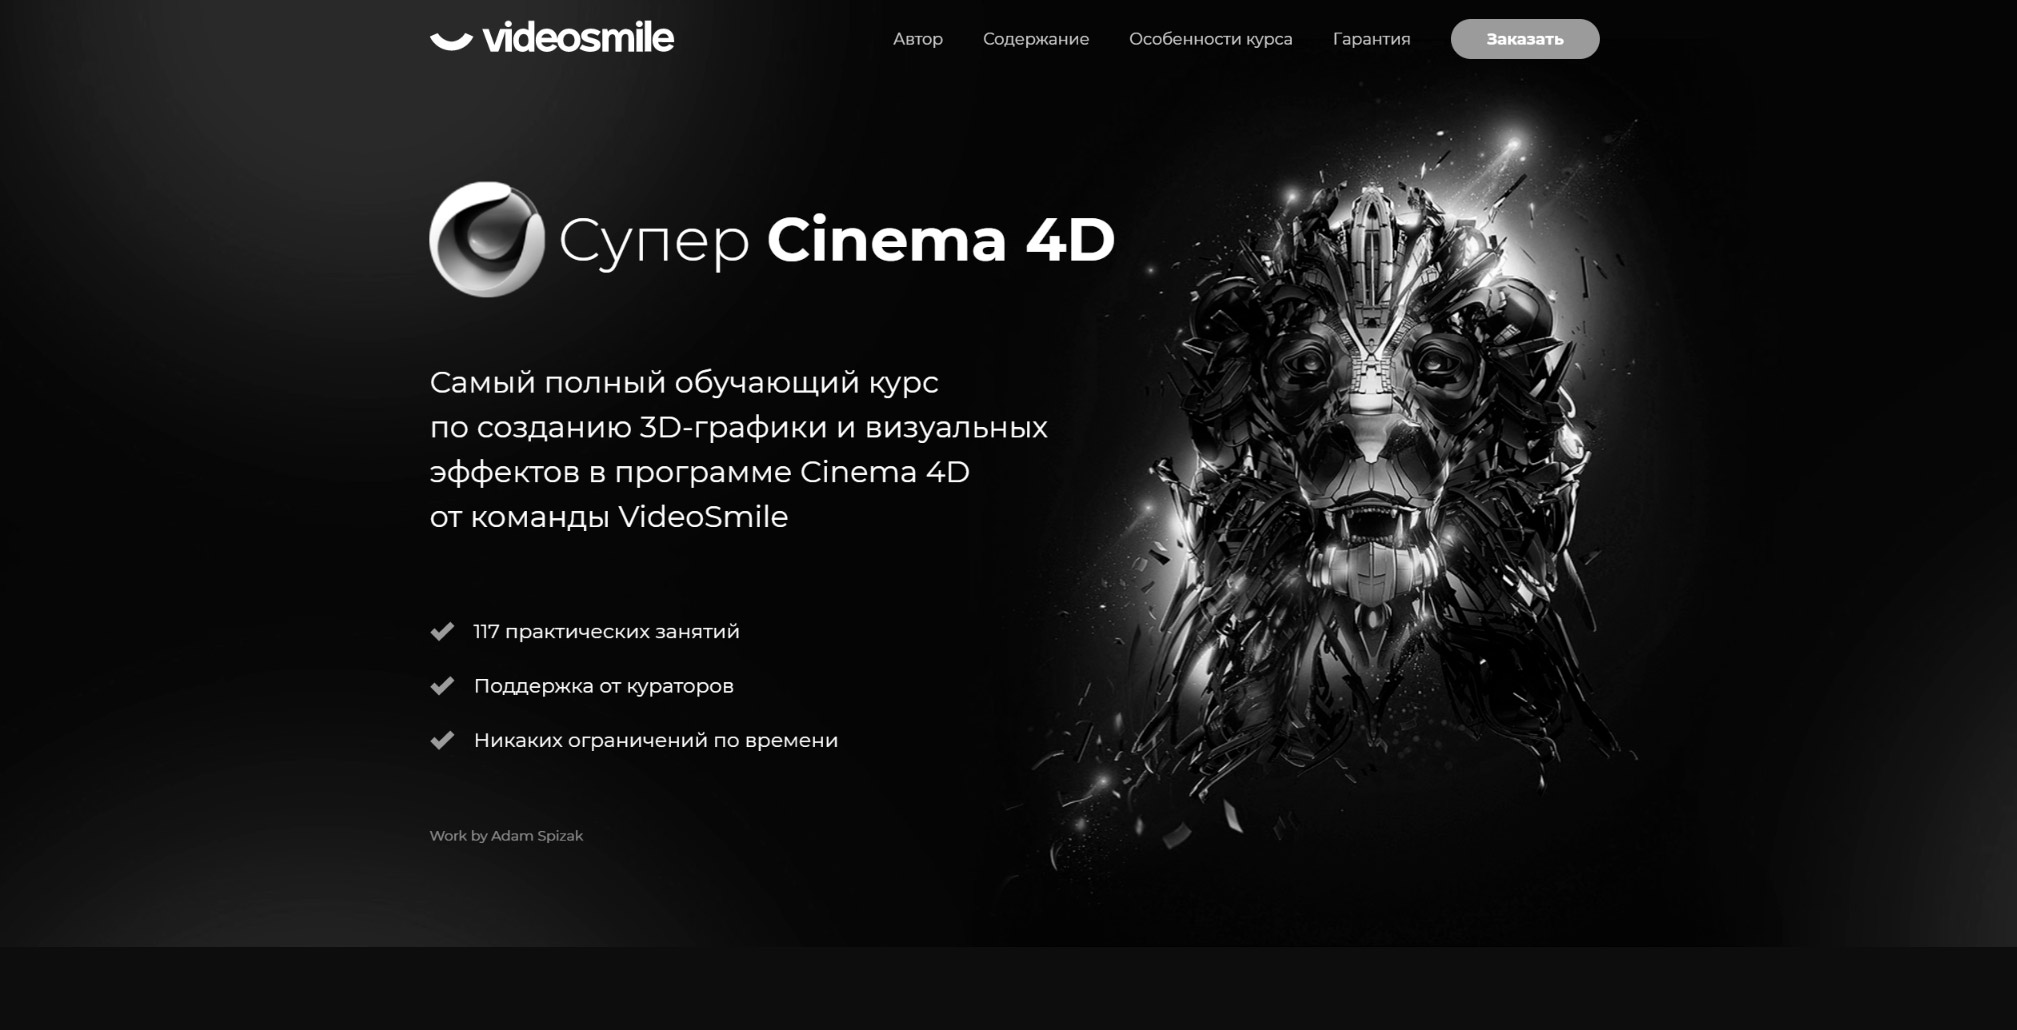 Купон Супер Cinema 4D на скидку